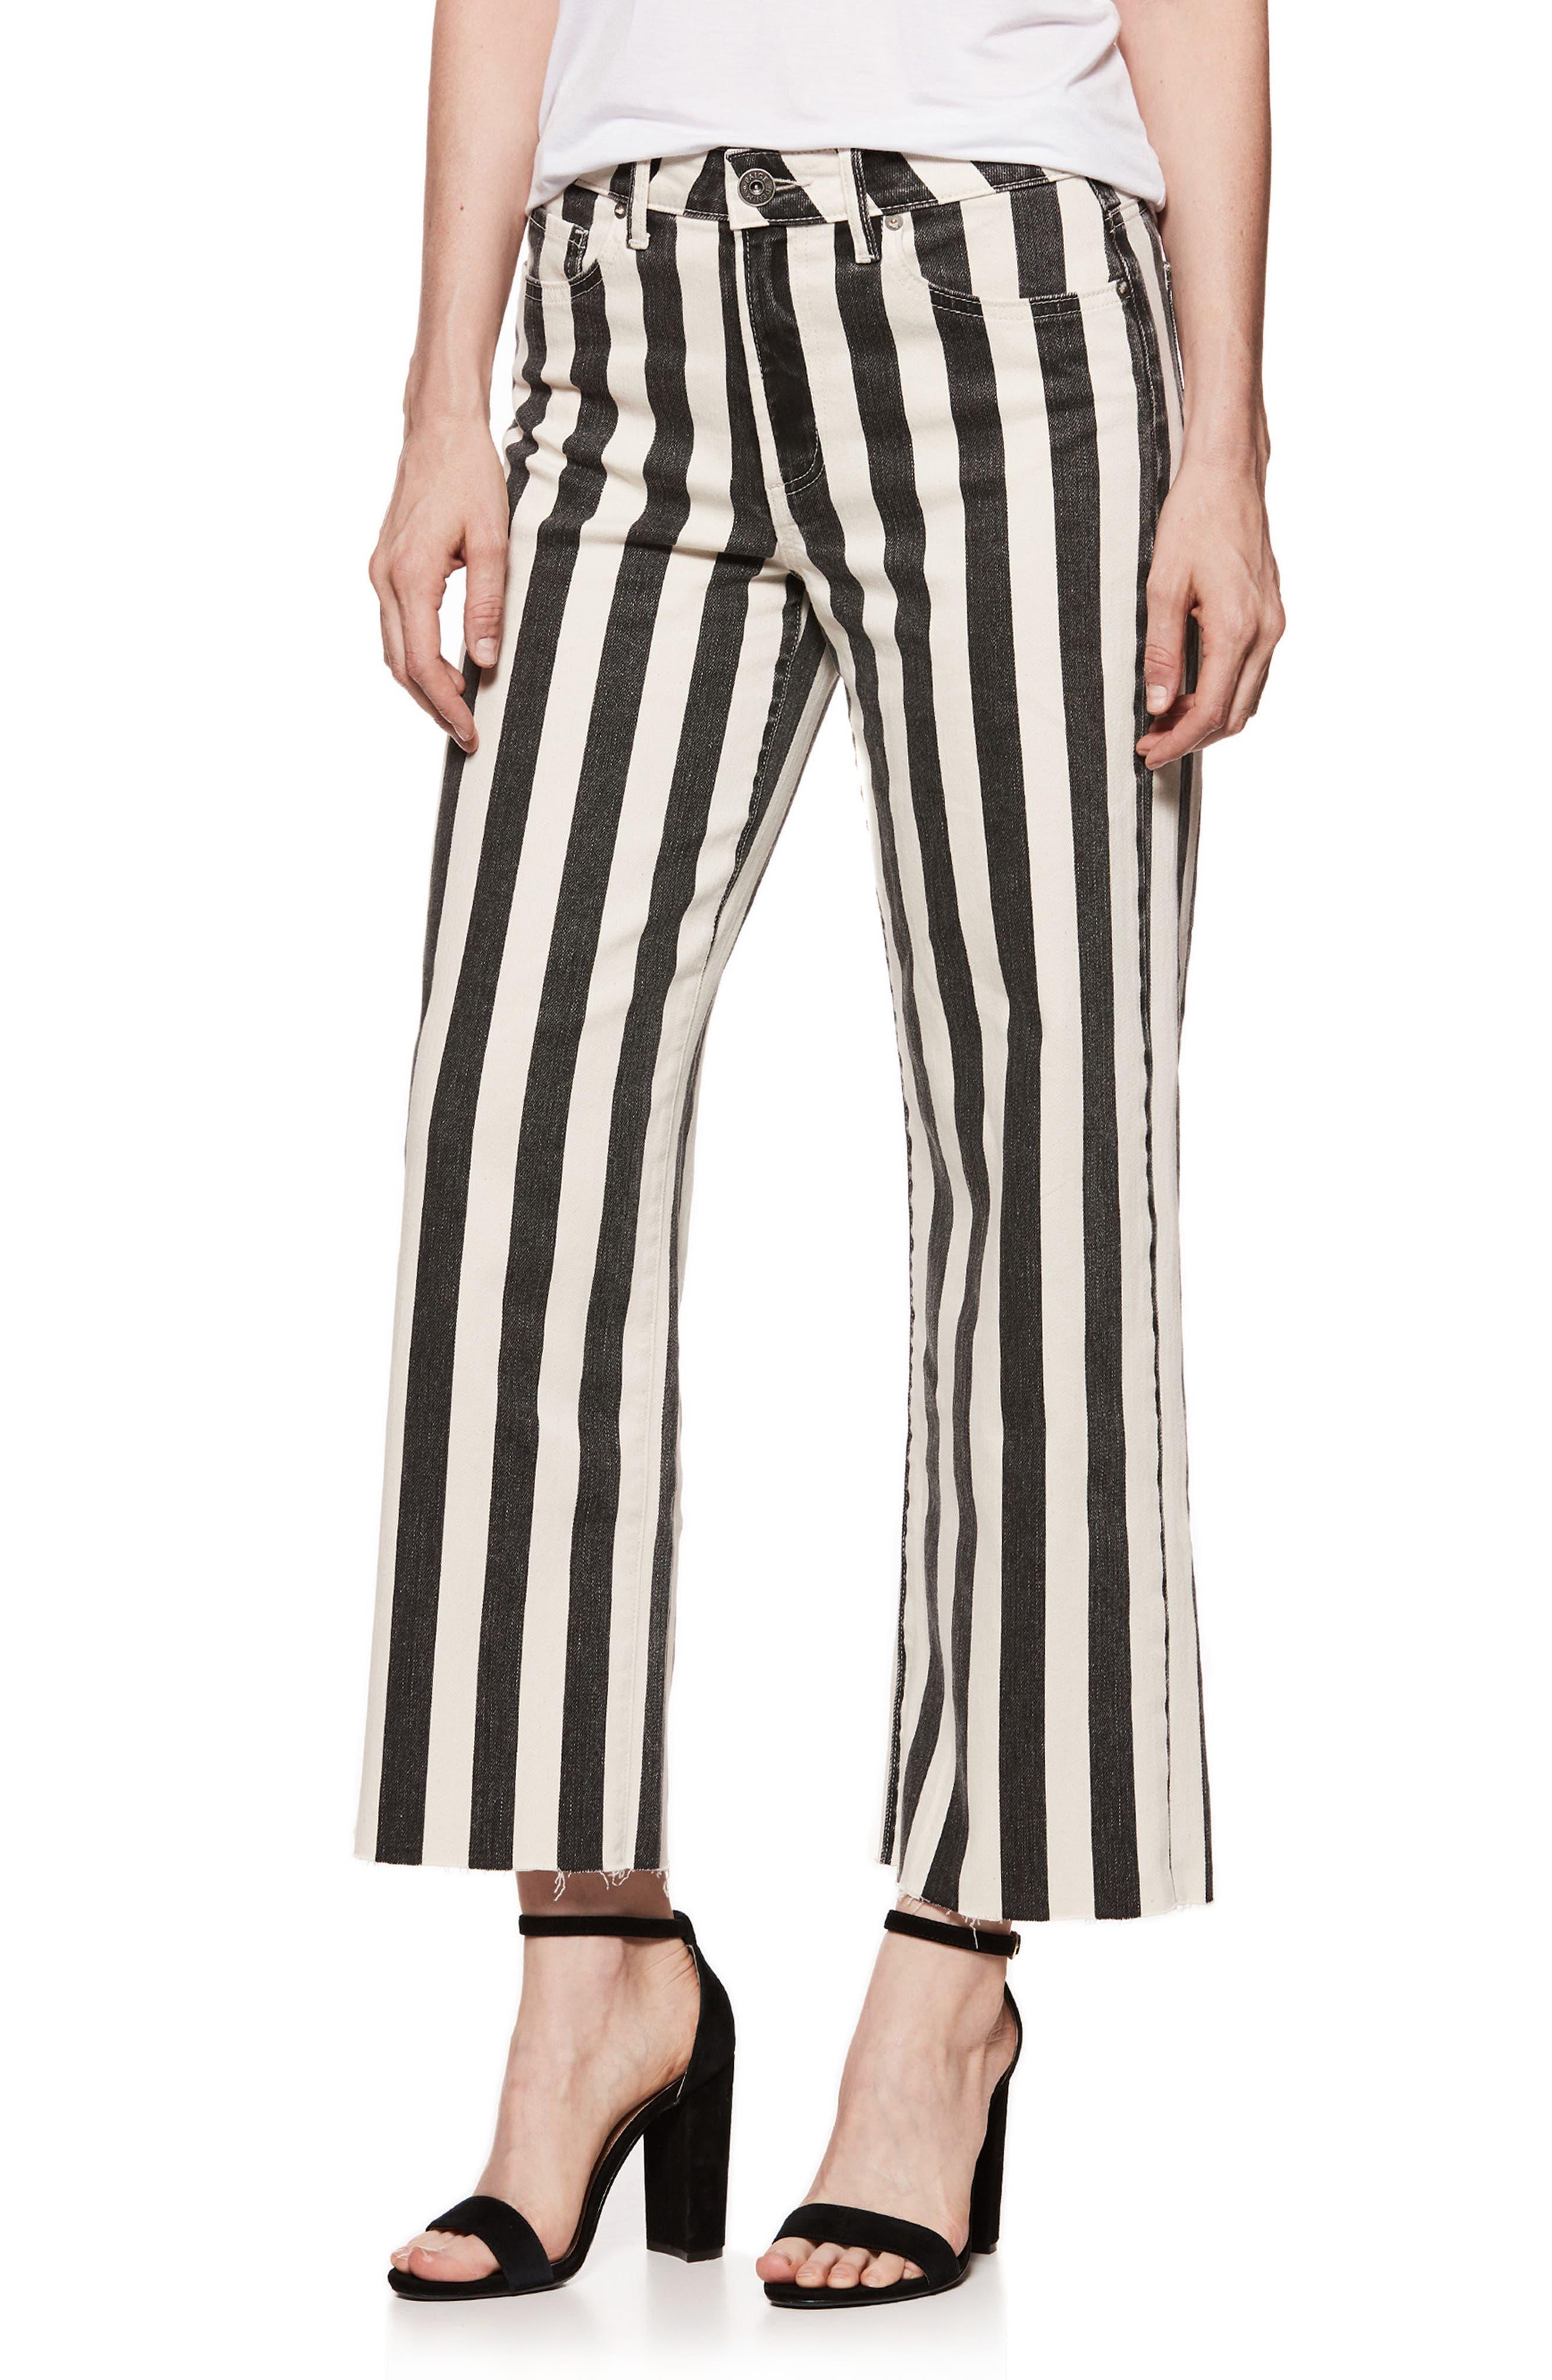 Nellie High Waist Culotte Jeans,                         Main,                         color, Black/ Ecru Stripe